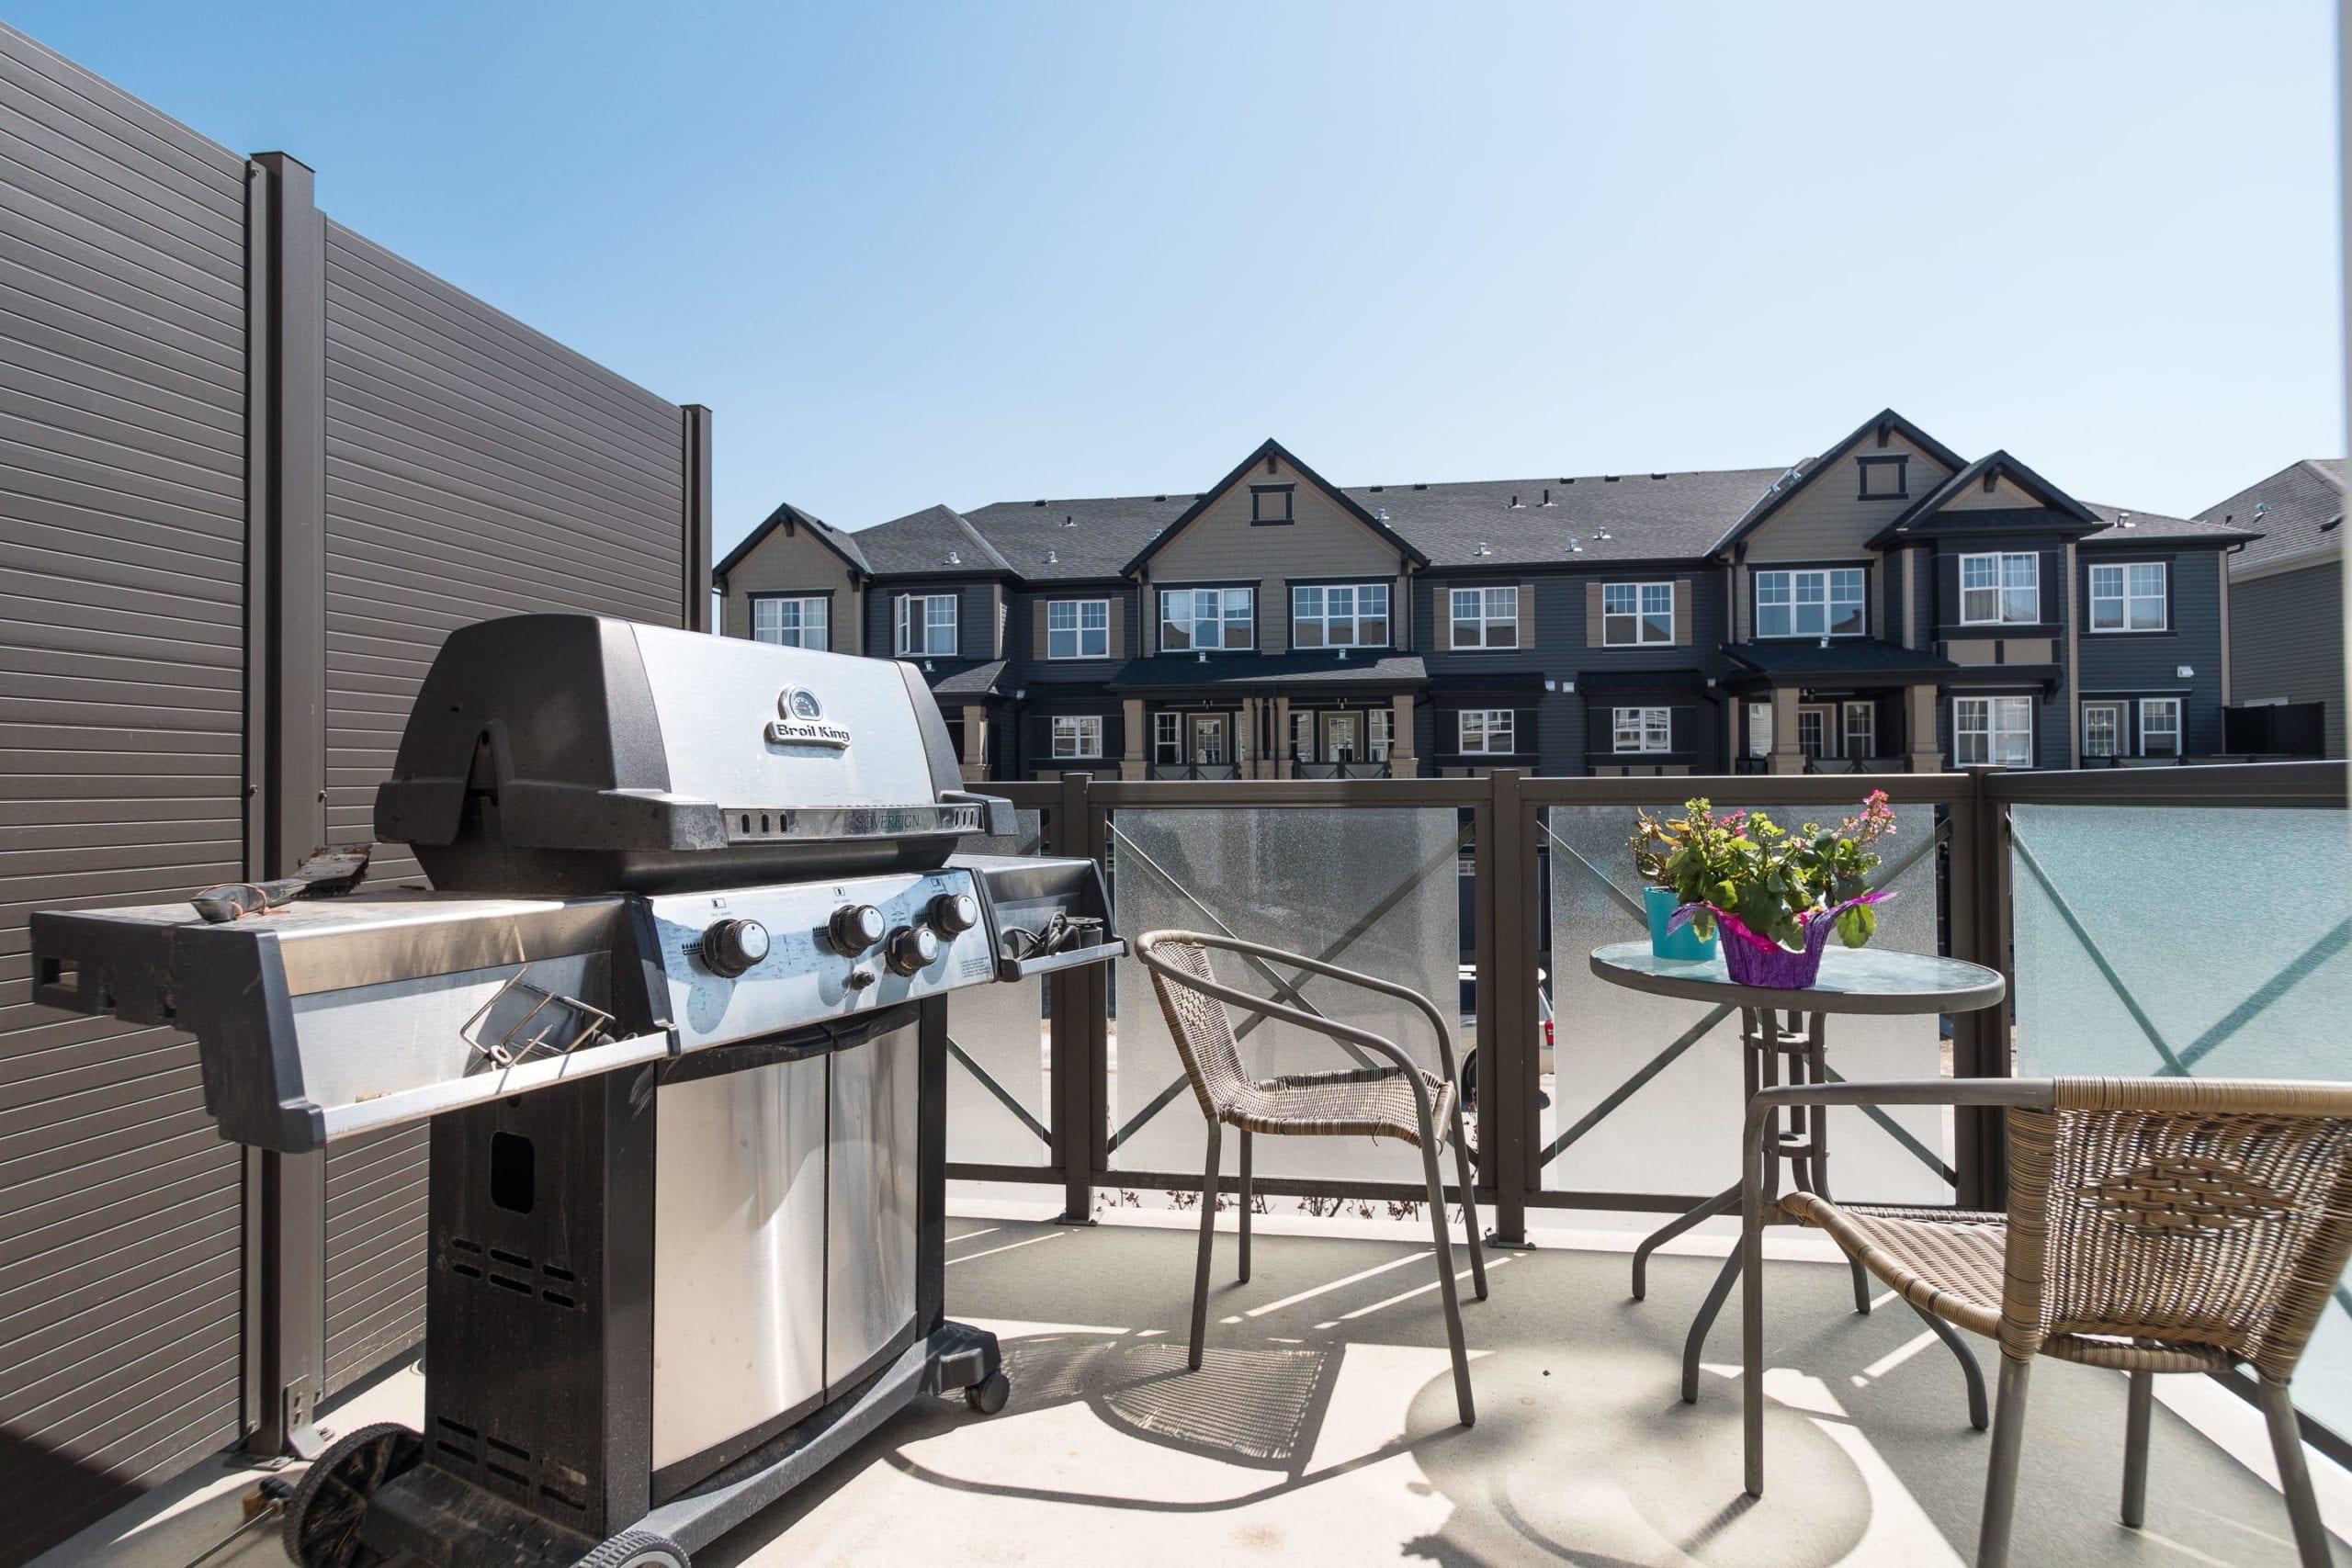 Hello Gorgeous - 209 Hillcrest Gardens - Tara Molina Real Estate (10 of 25)